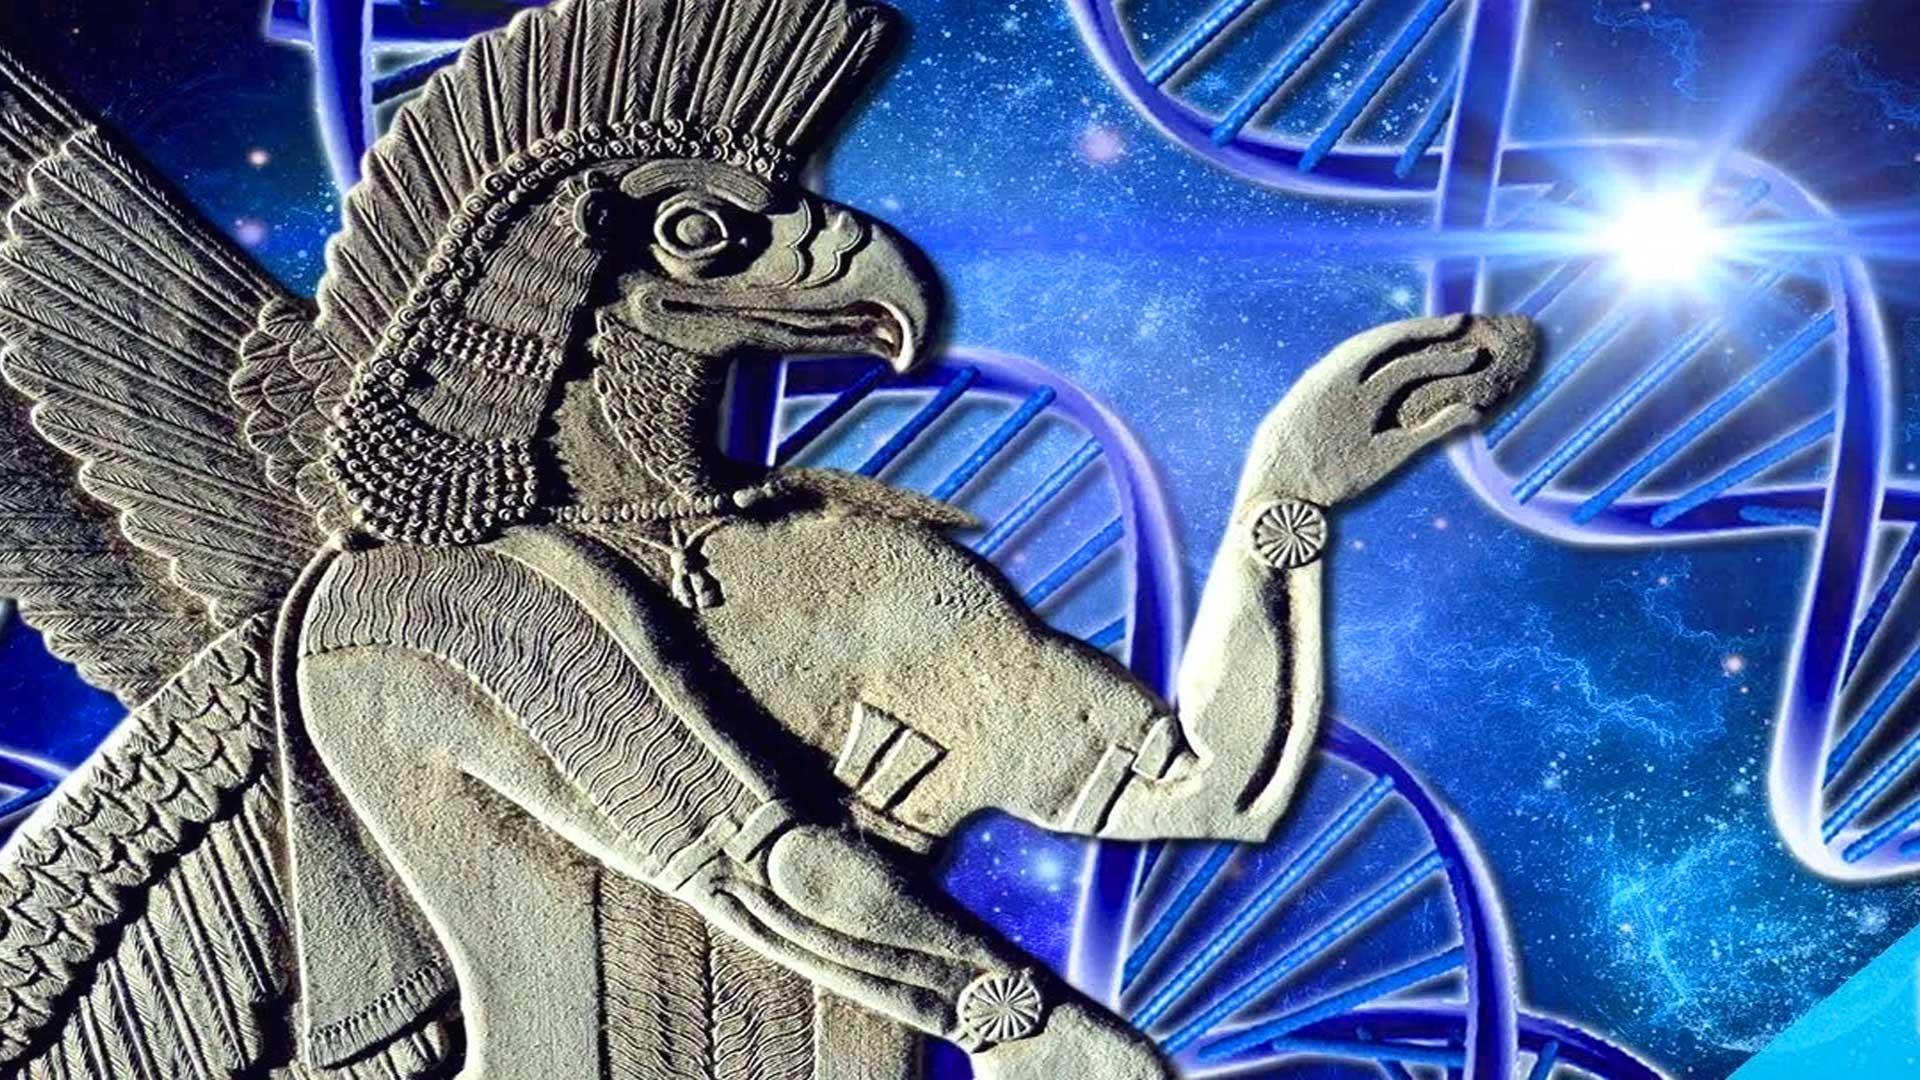 Estas deidades prometieron regresar algún día a la Tierra, ¿estamos preparados?